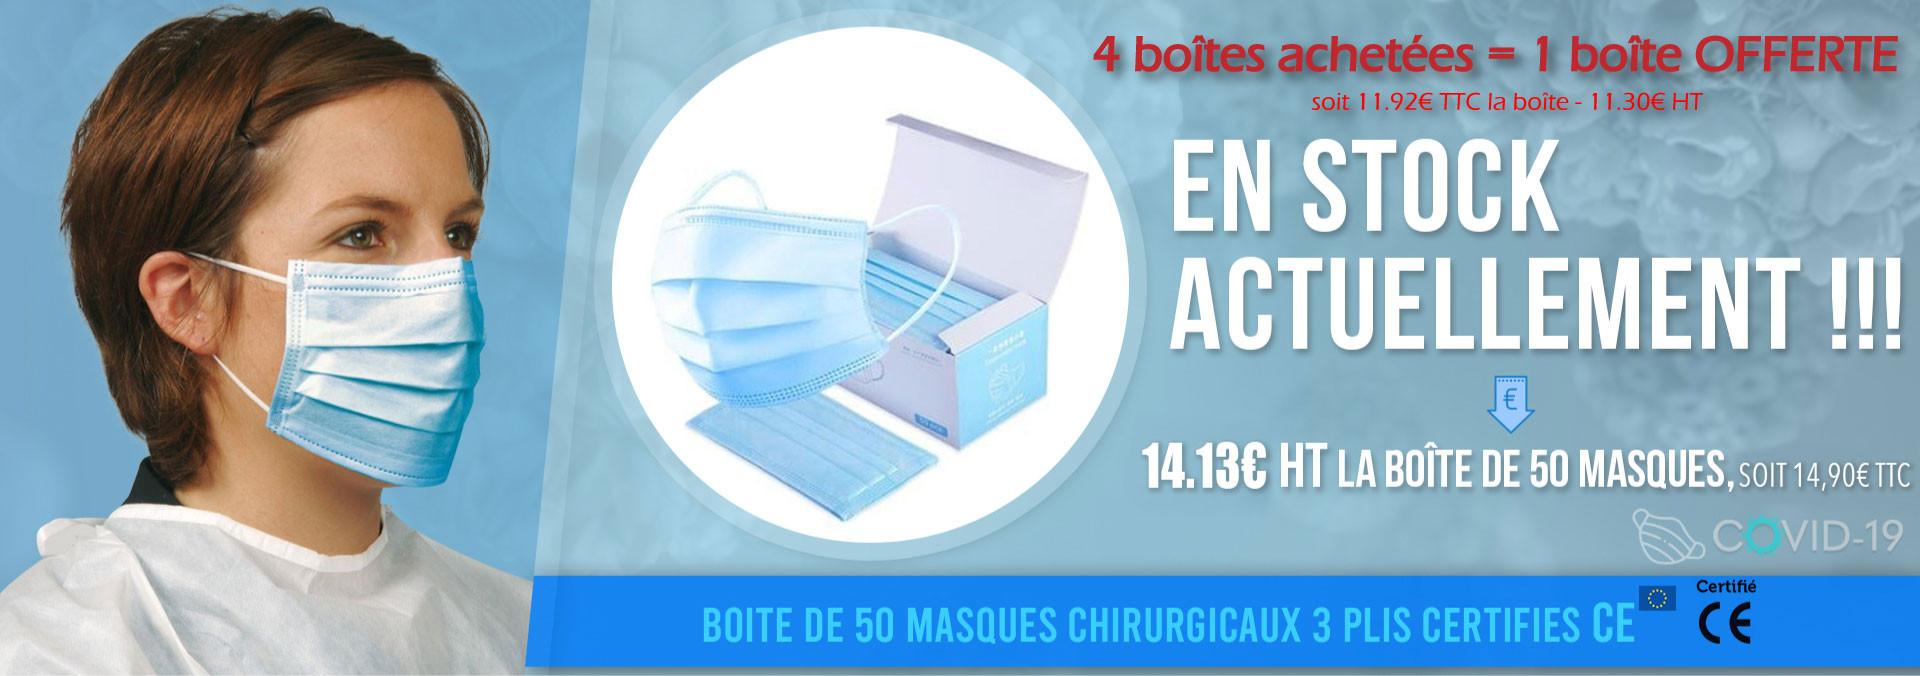 Boîte de 50 masques de protection COVID-19